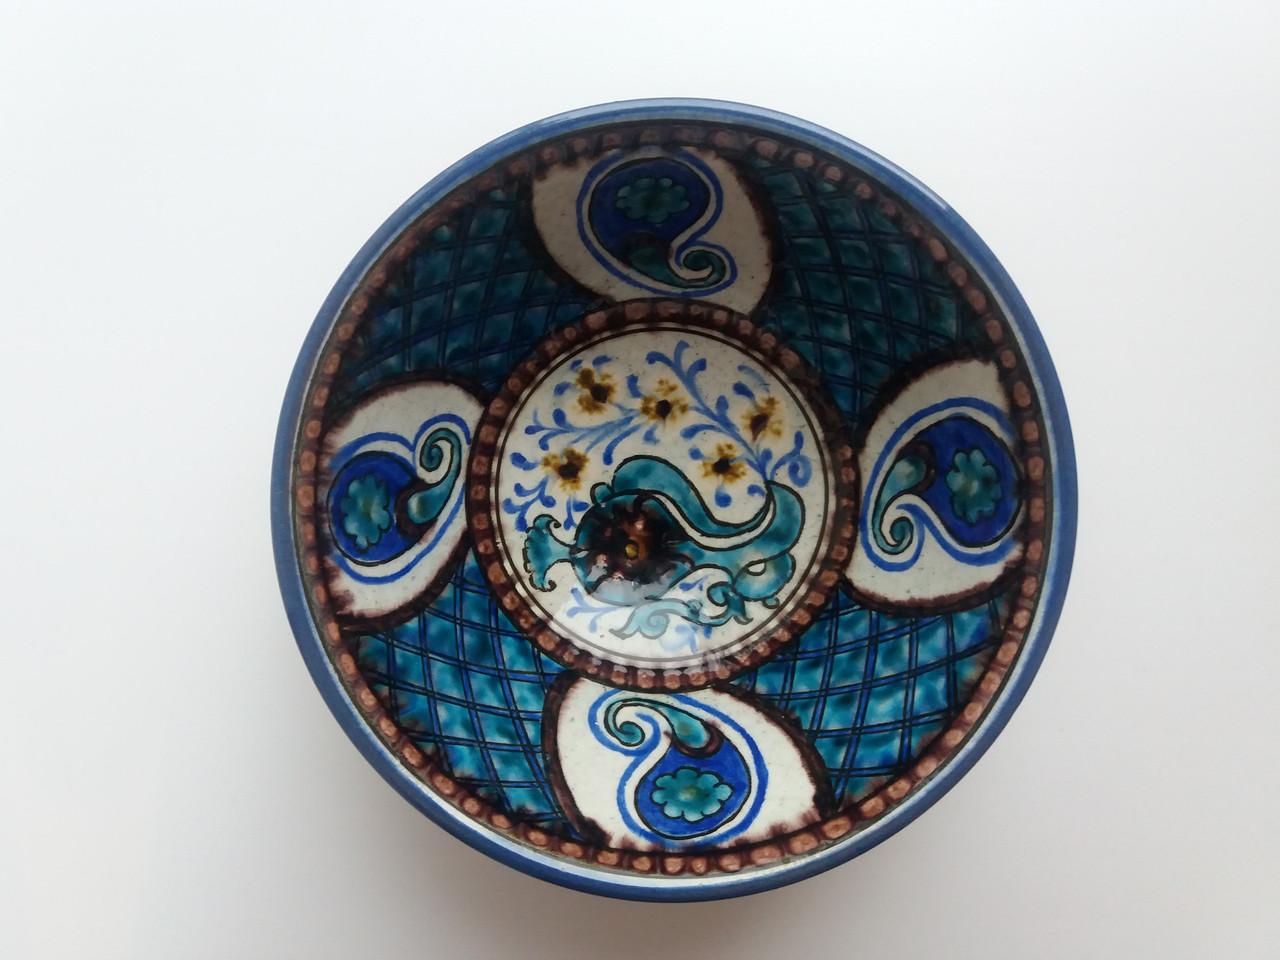 Уникальная узбекская посуда d 16 см. Риштан